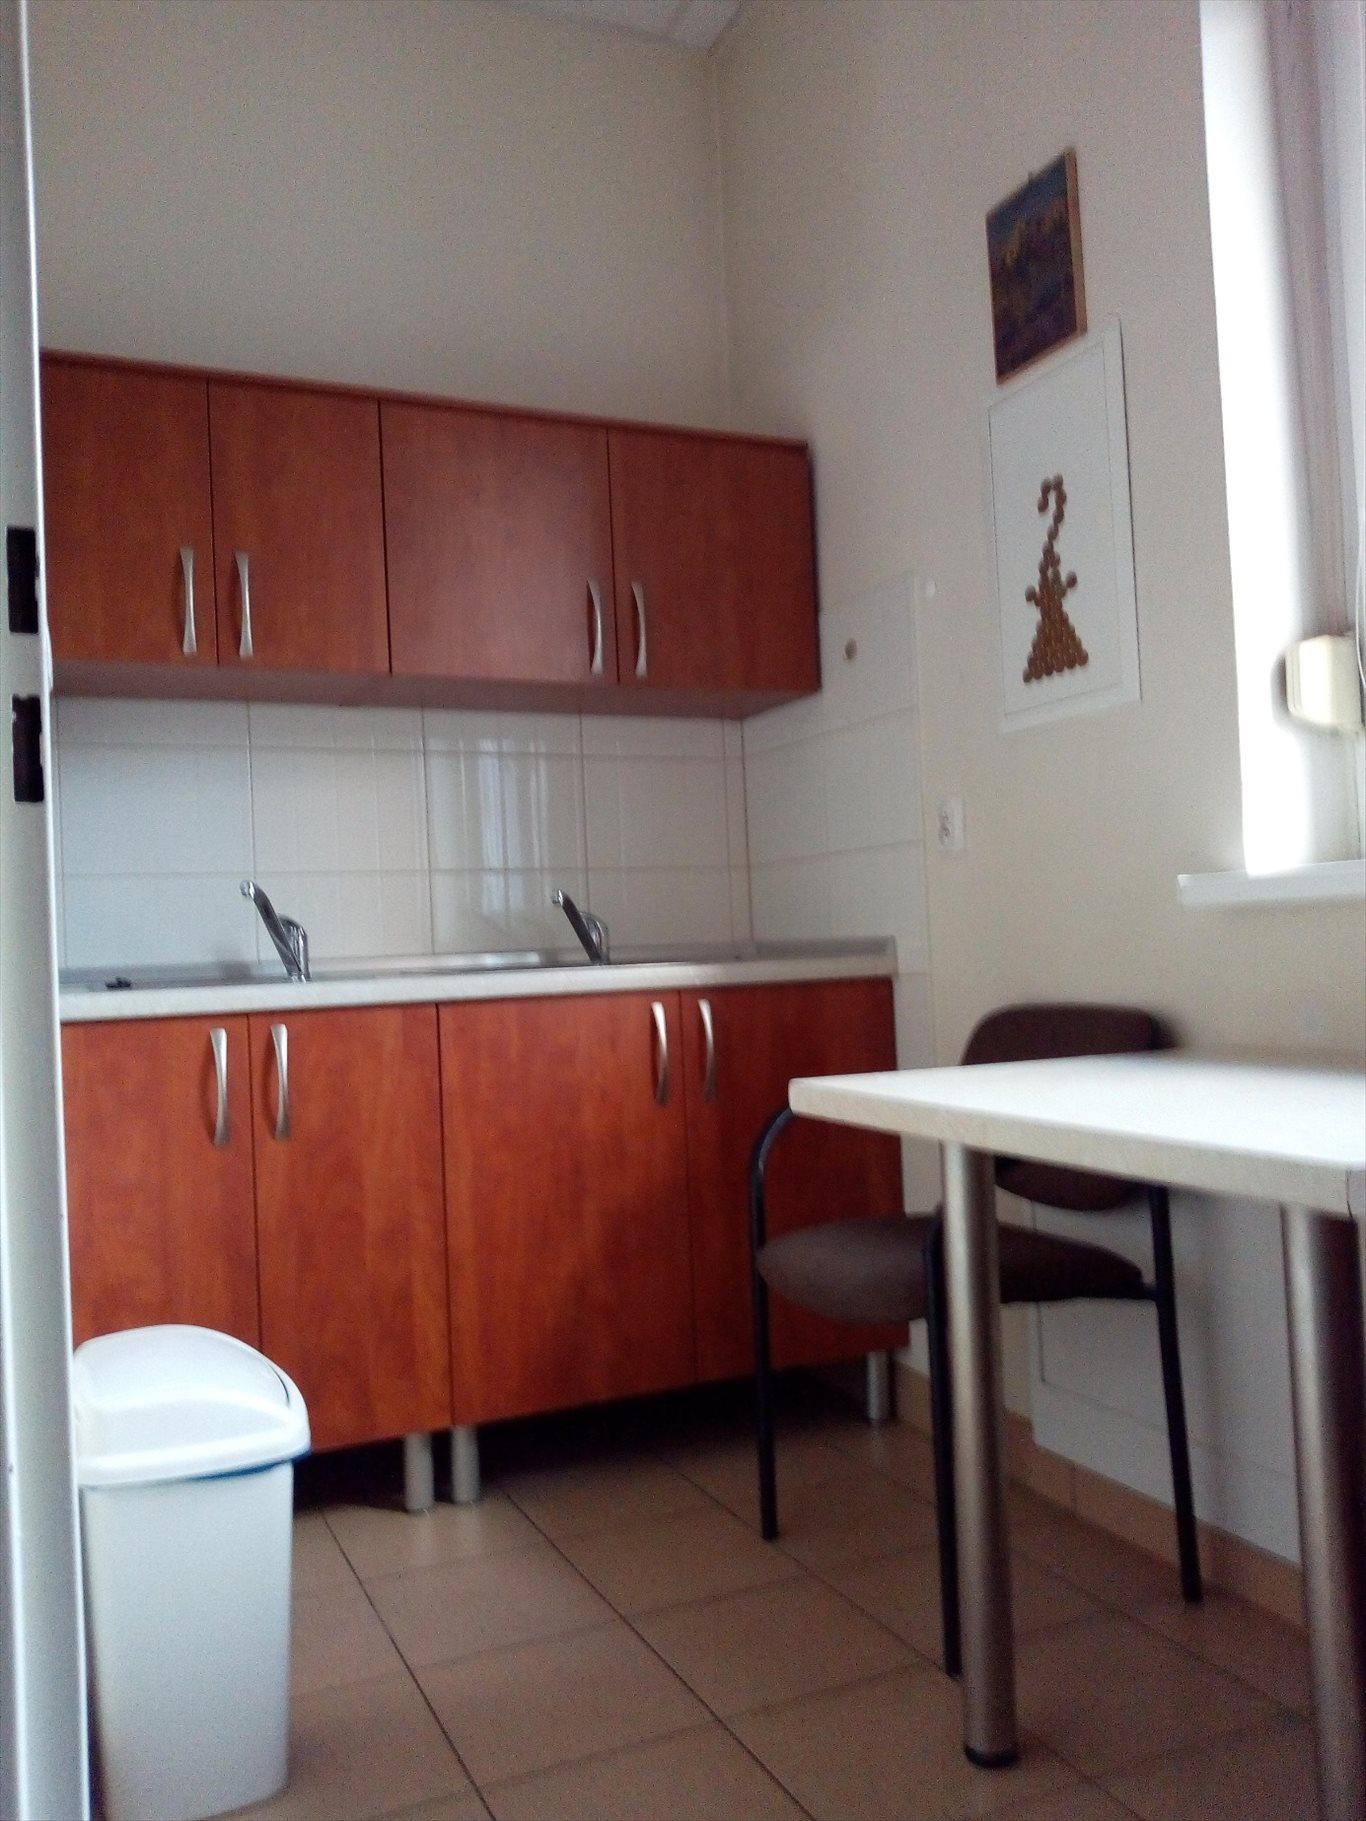 Lokal użytkowy na sprzedaż Prószków  64m2 Foto 8